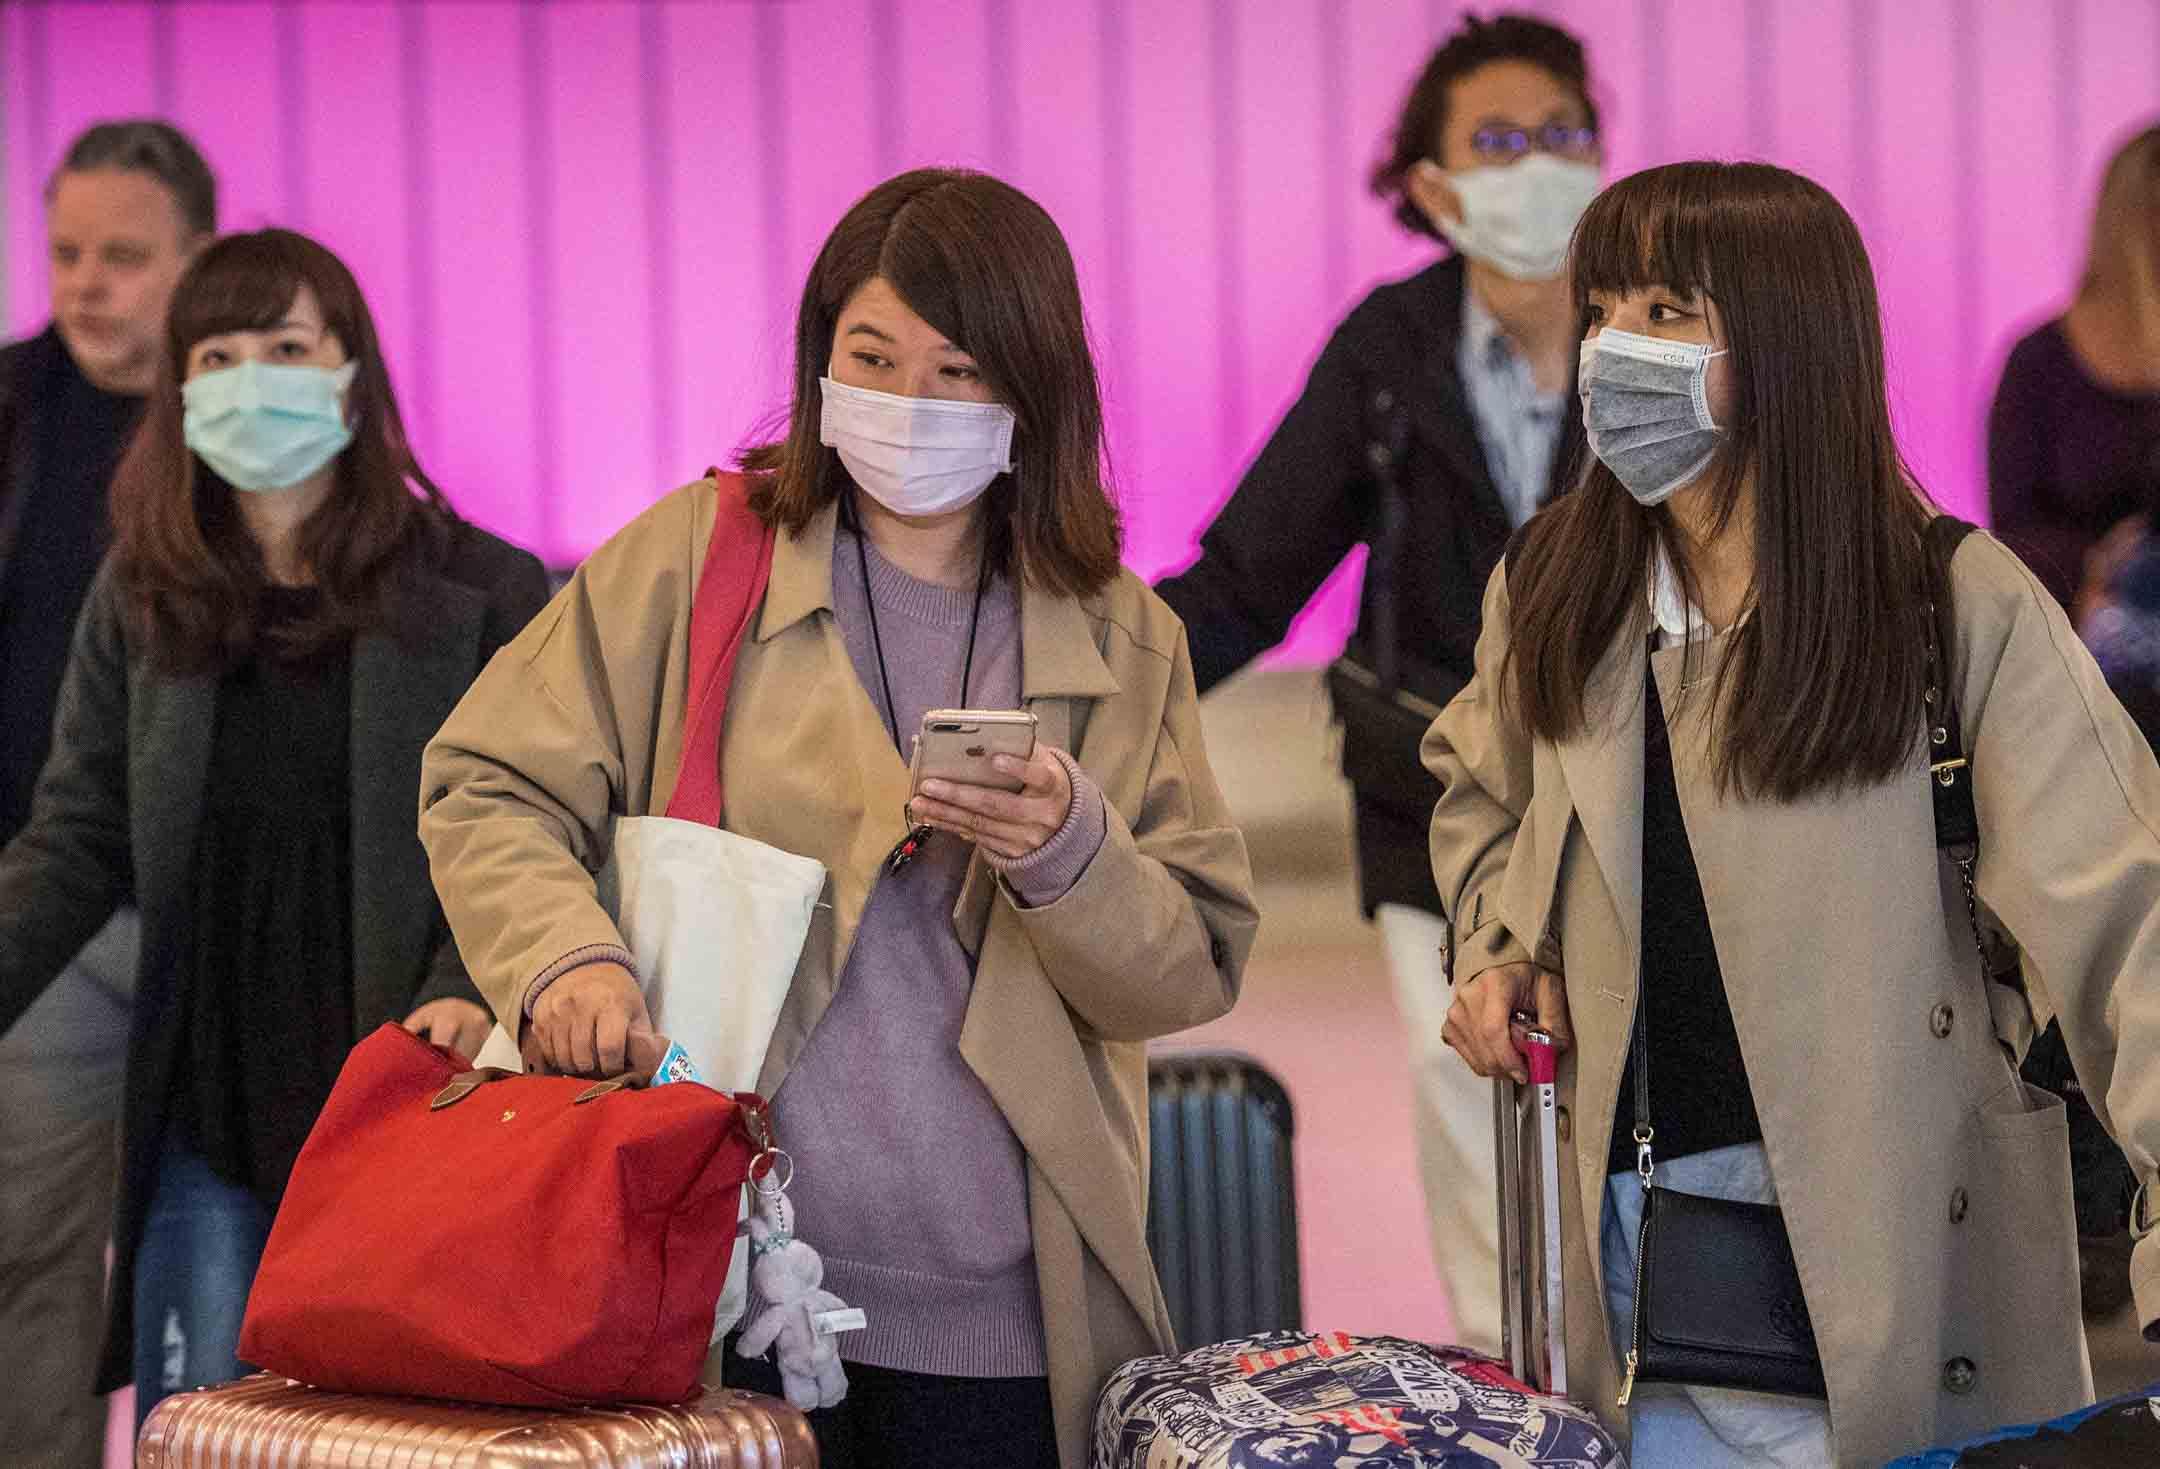 2020年1月22日,洛杉磯國際機場,乘客到達時都戴著口罩。 攝:Mark Ralston/AFP via Getty Images